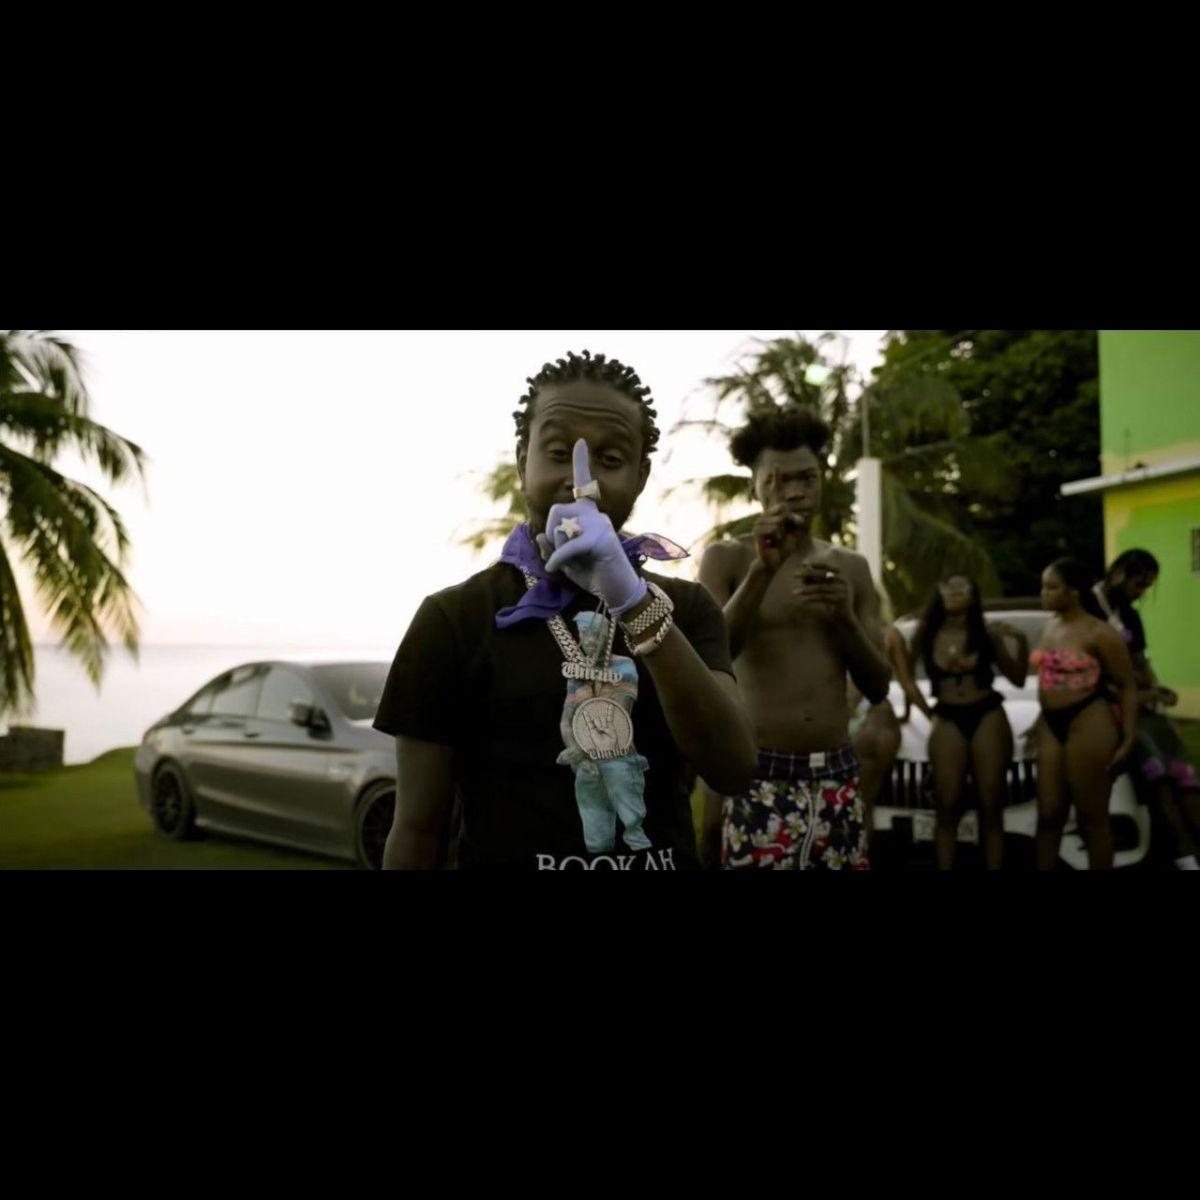 Popcaan - Have It (ft. Skillibeng and Quada) (Thumbnail)